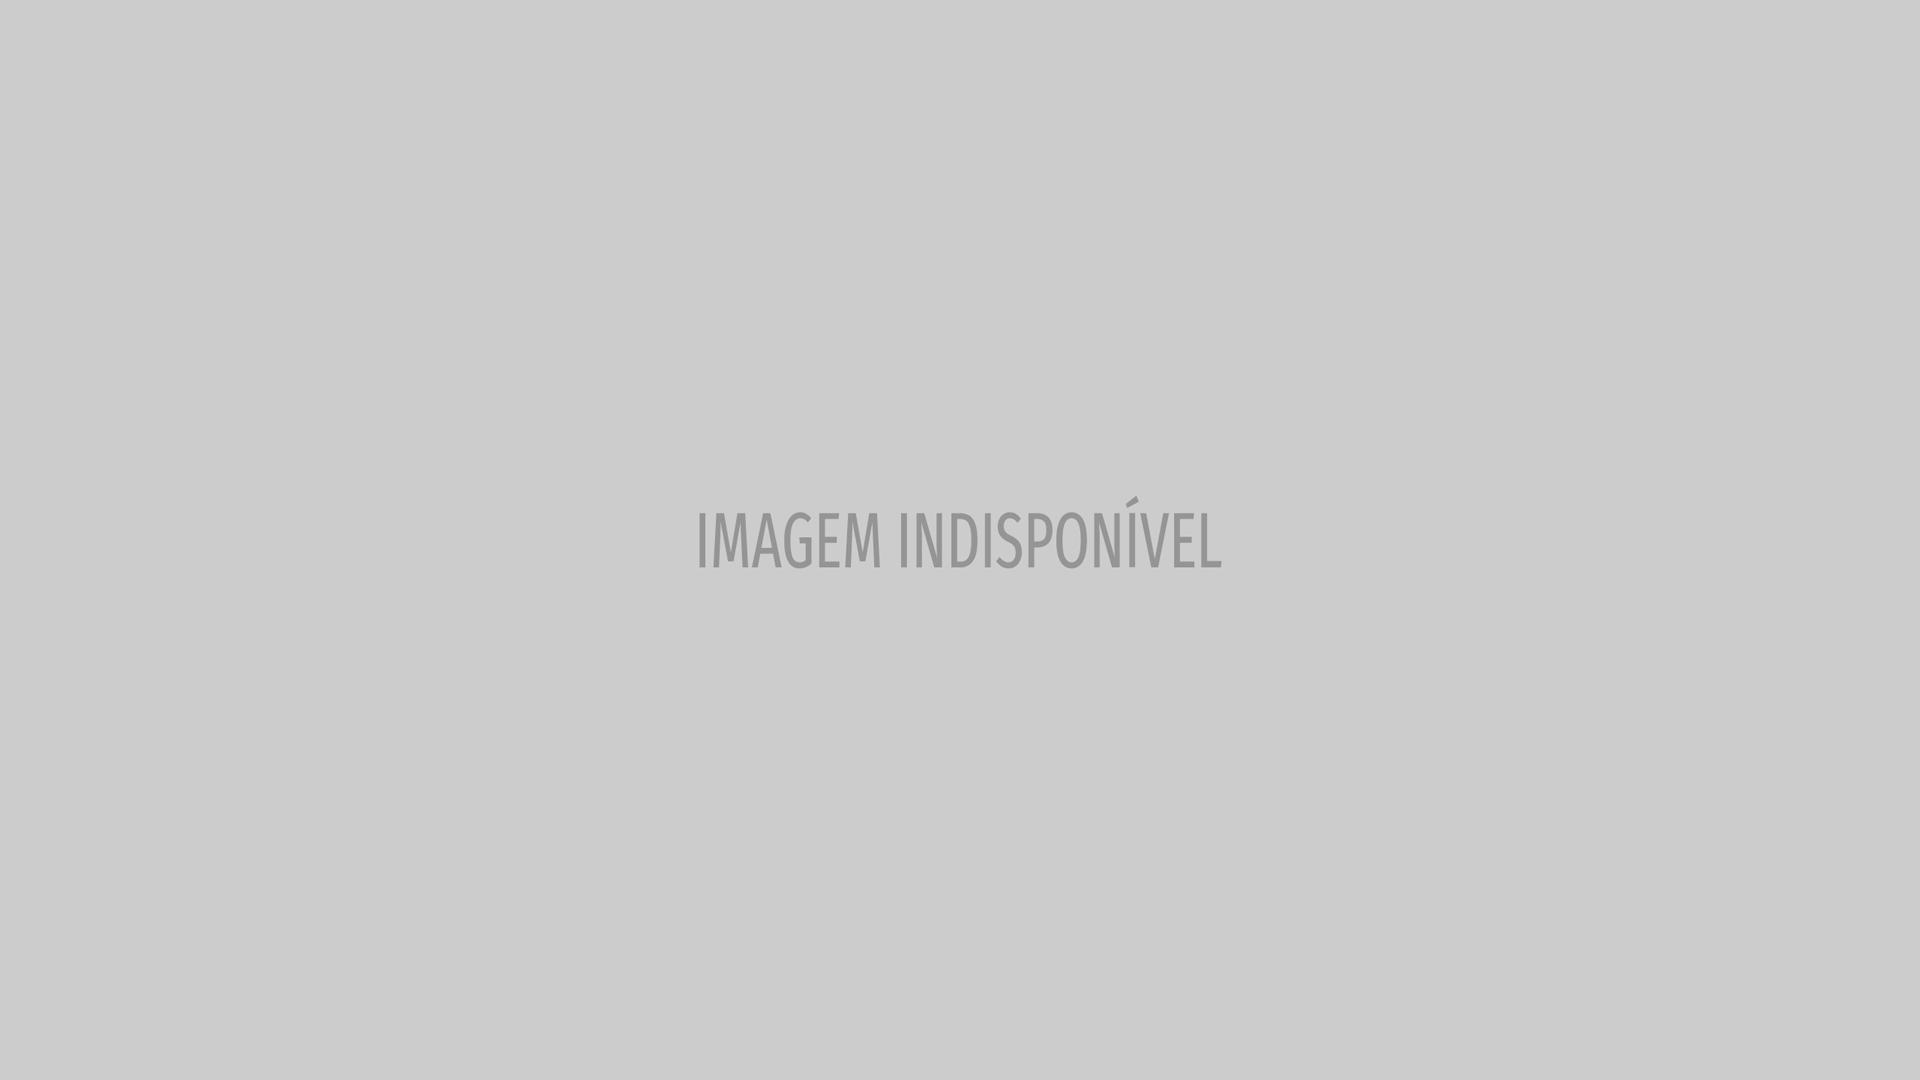 Inteligência Artificial detecta 72 sinais misteriosos vindos do Espaço